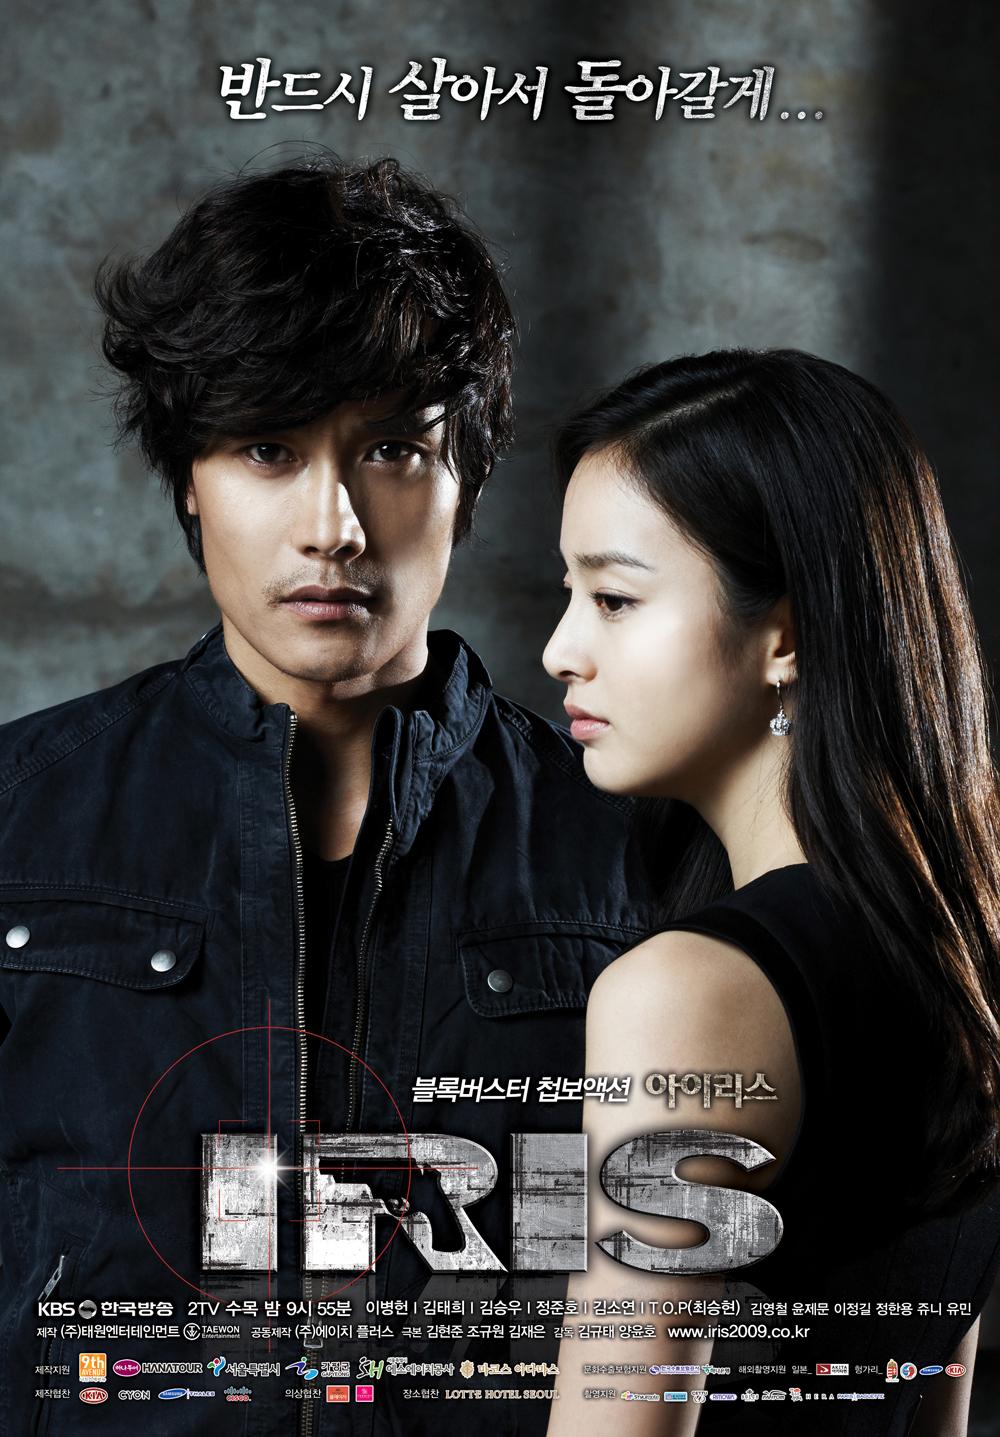 [韓劇] 아이리스 (特務情人IRIS) (2009) Poster05